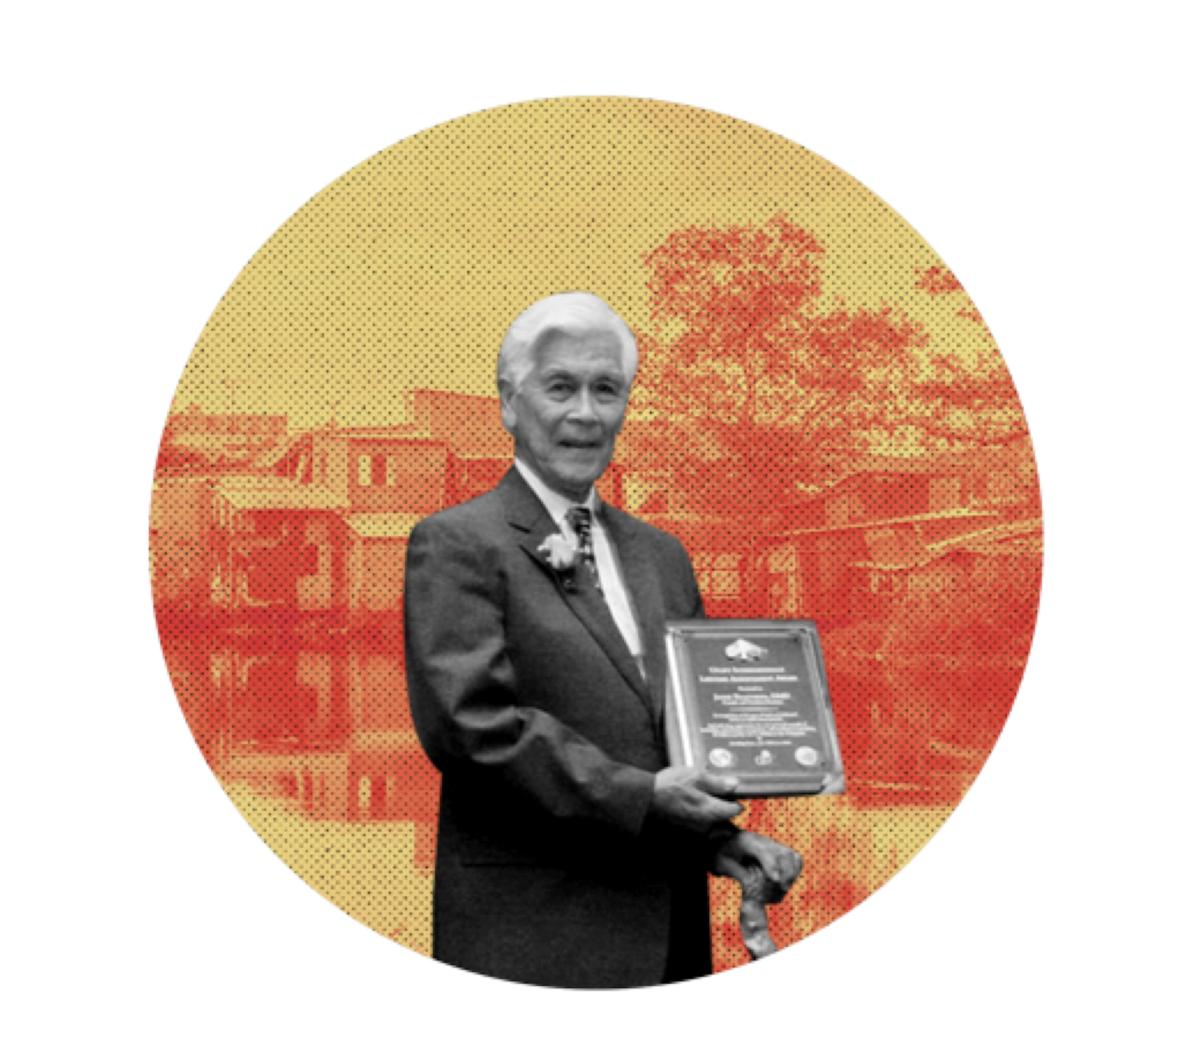 Jaime Yrastorza, 86.